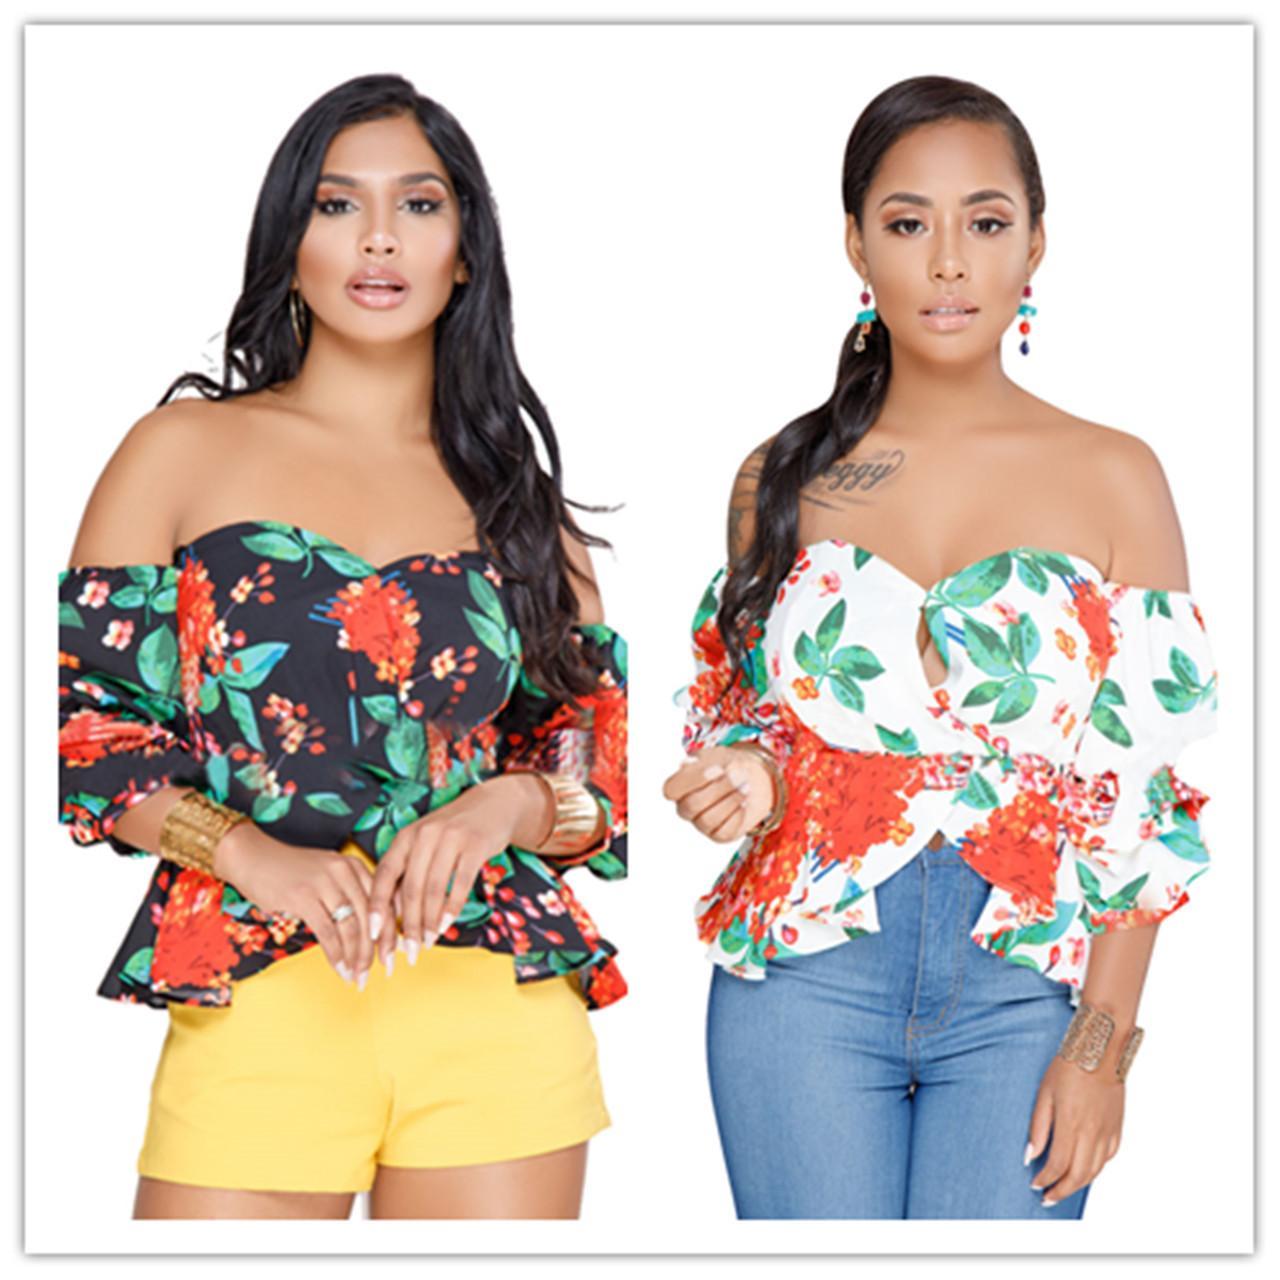 Женская футболка с цветочным принтом Comfy Off плечо с коротким рукавом фонаря назад молния рябить сплит топ с баской летняя женская одежда белый черный